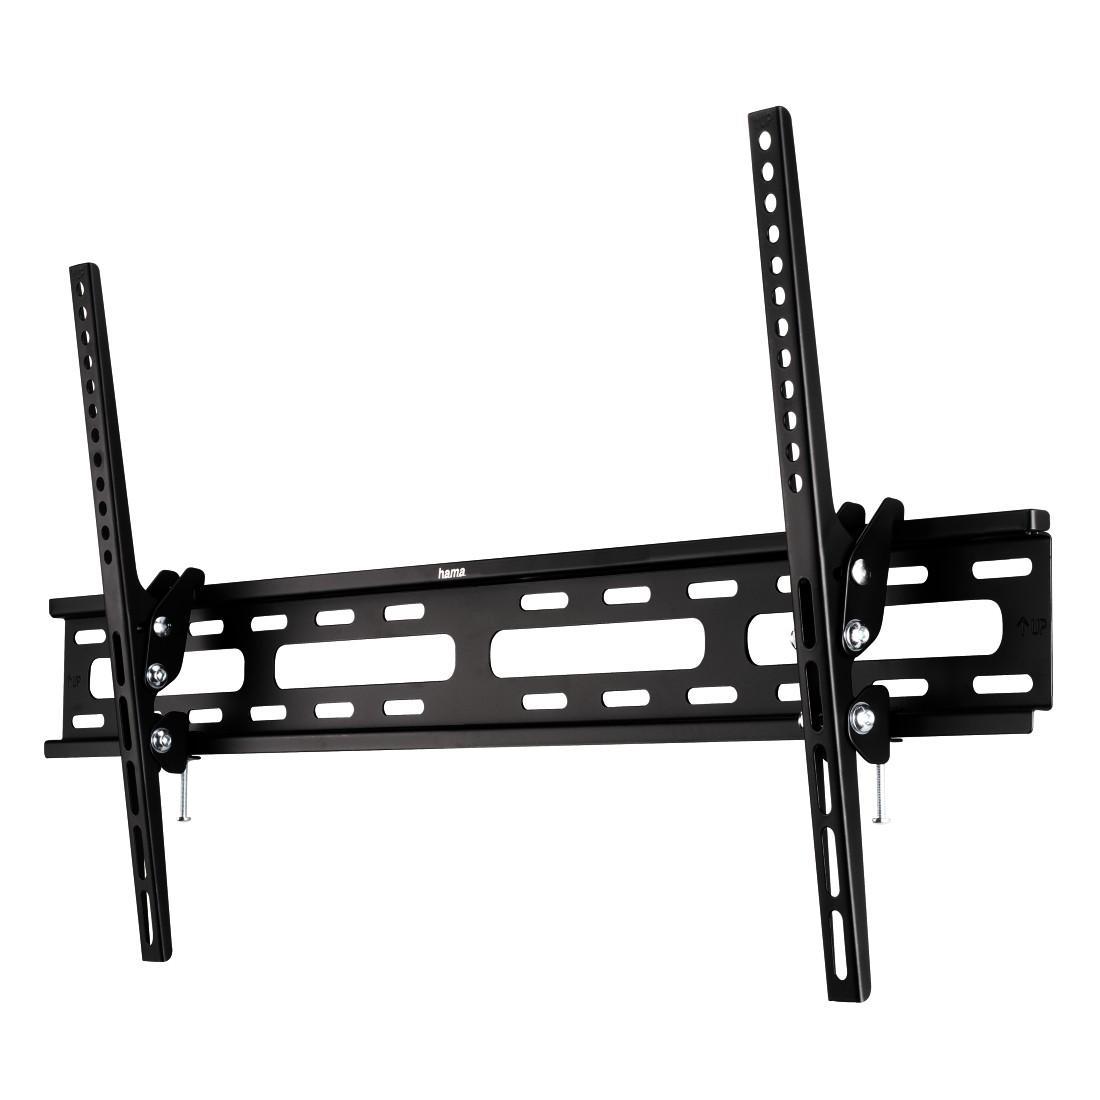 Стенна стойка за TV HAMA 108719, Регулируема, 37-75, 60 кг, Черна